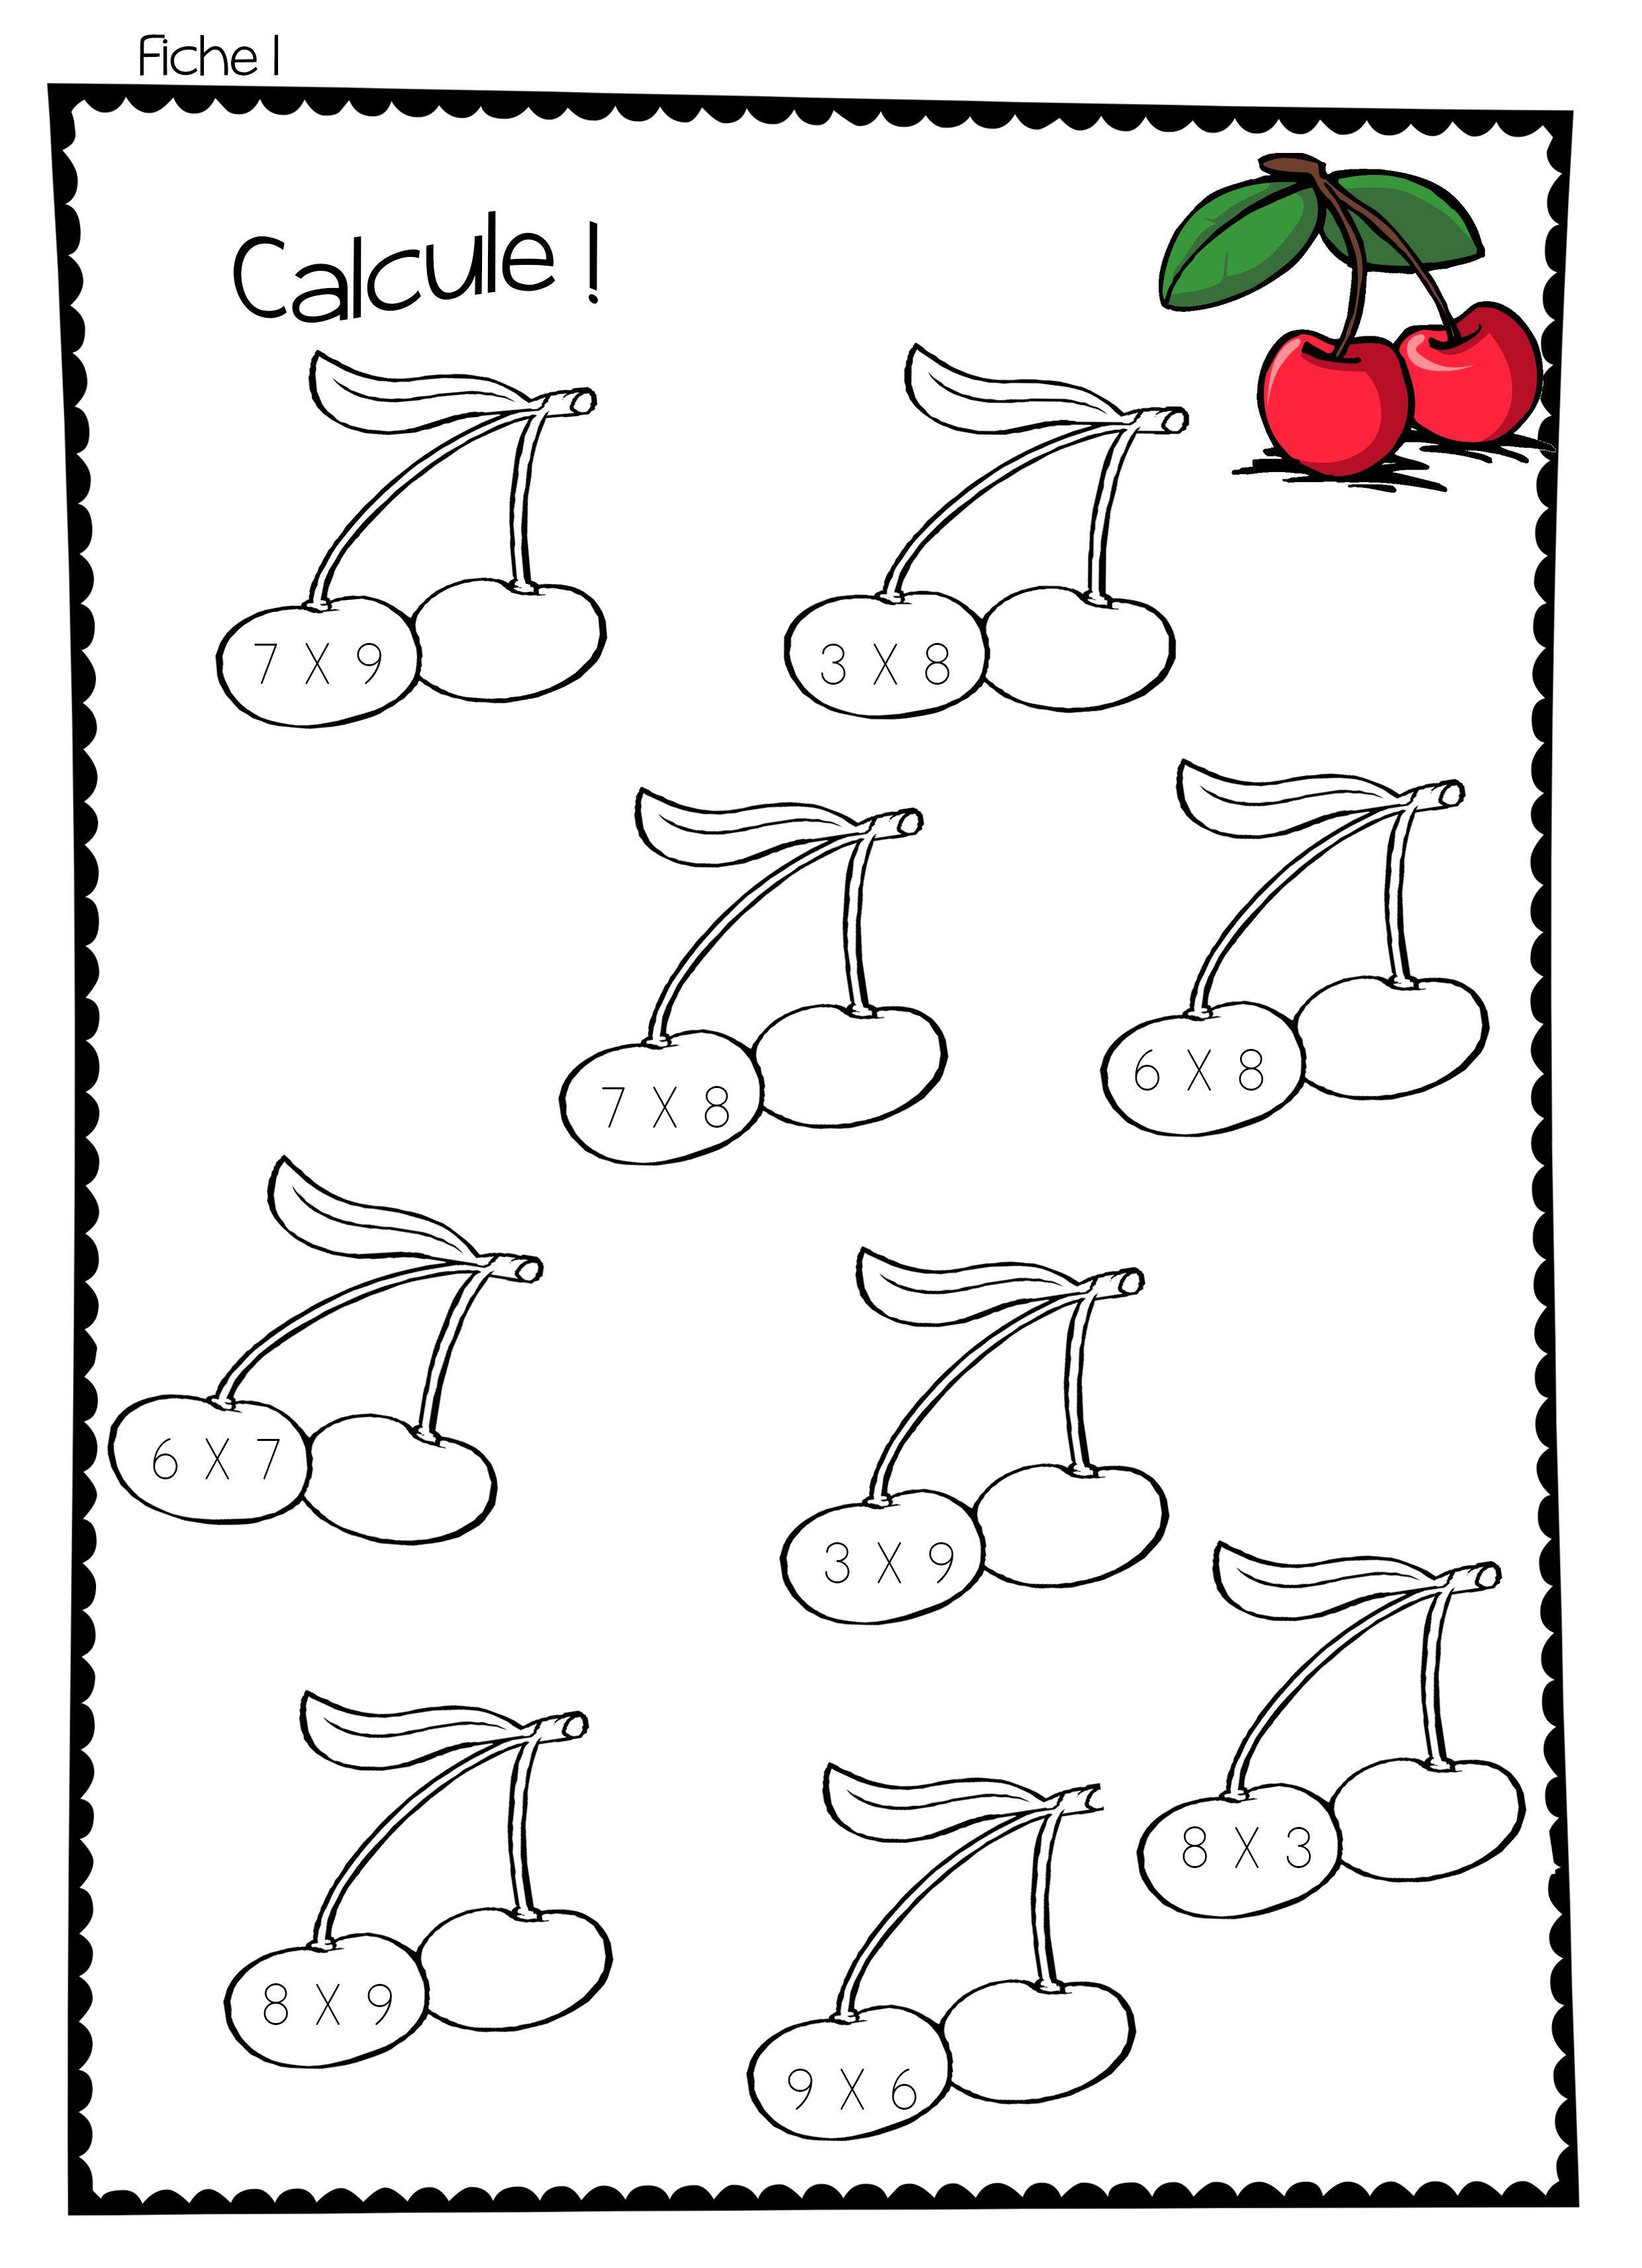 Jeux tables de multiplication ranger pinterest table de multiplication multiplication - Tables de multiplication jeux a imprimer ...